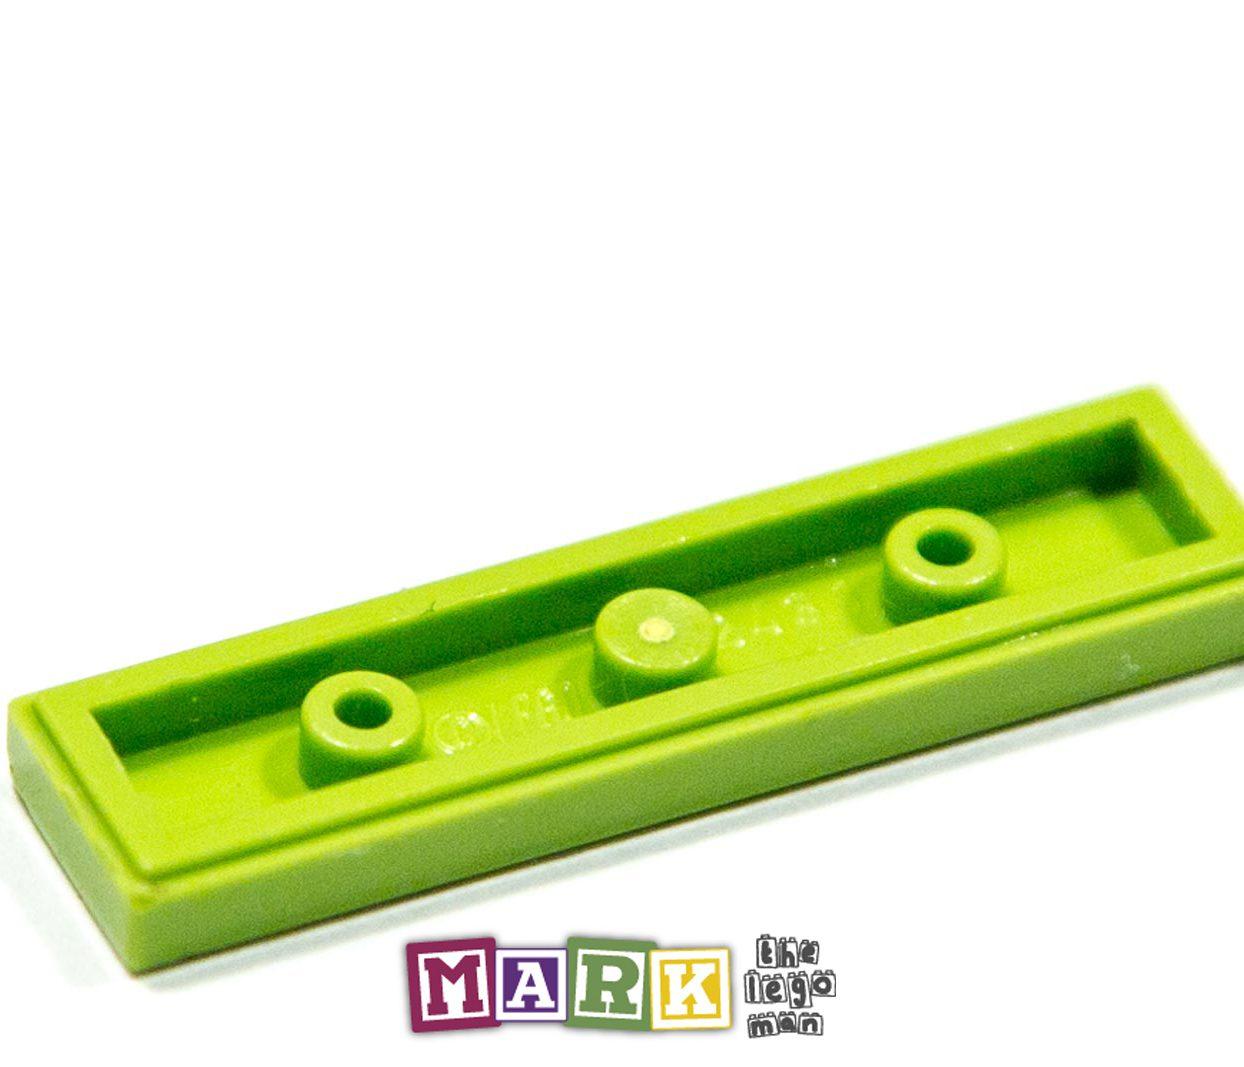 Lego 2431 1x4 Flat Tile 4164021